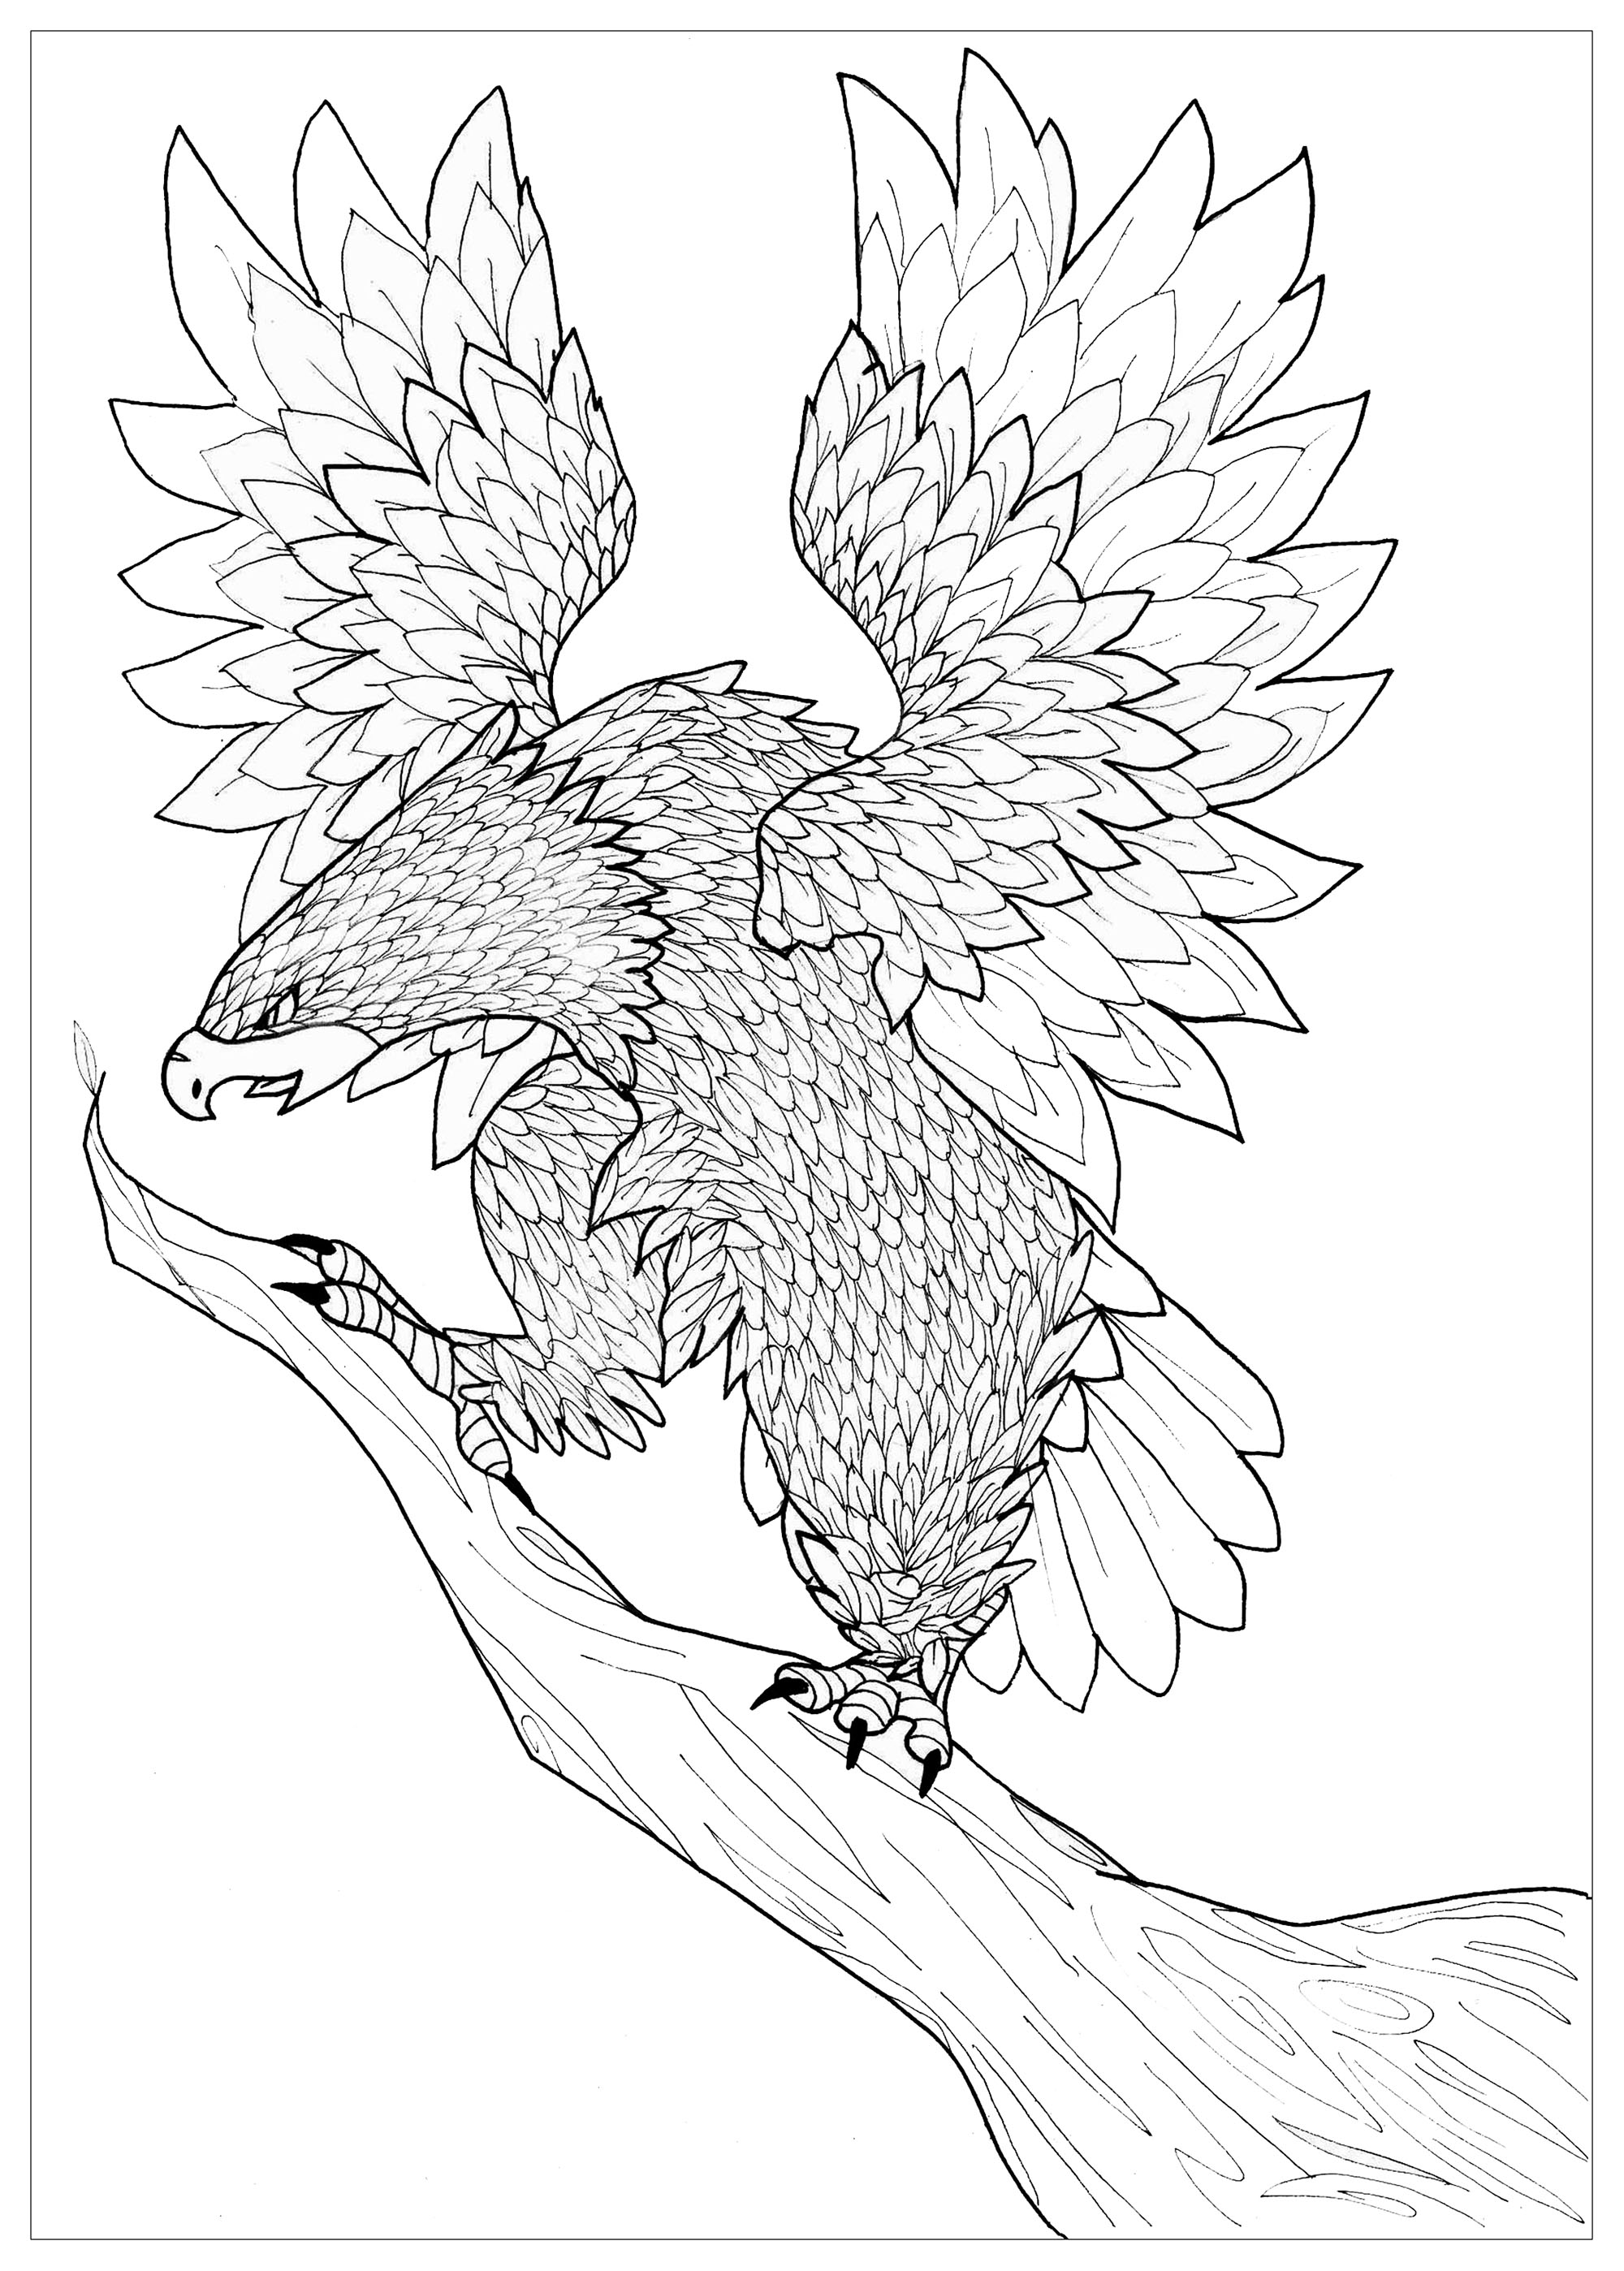 Aigle animaux coloriages difficiles pour adultes justcolor - Coloriage aigle ...